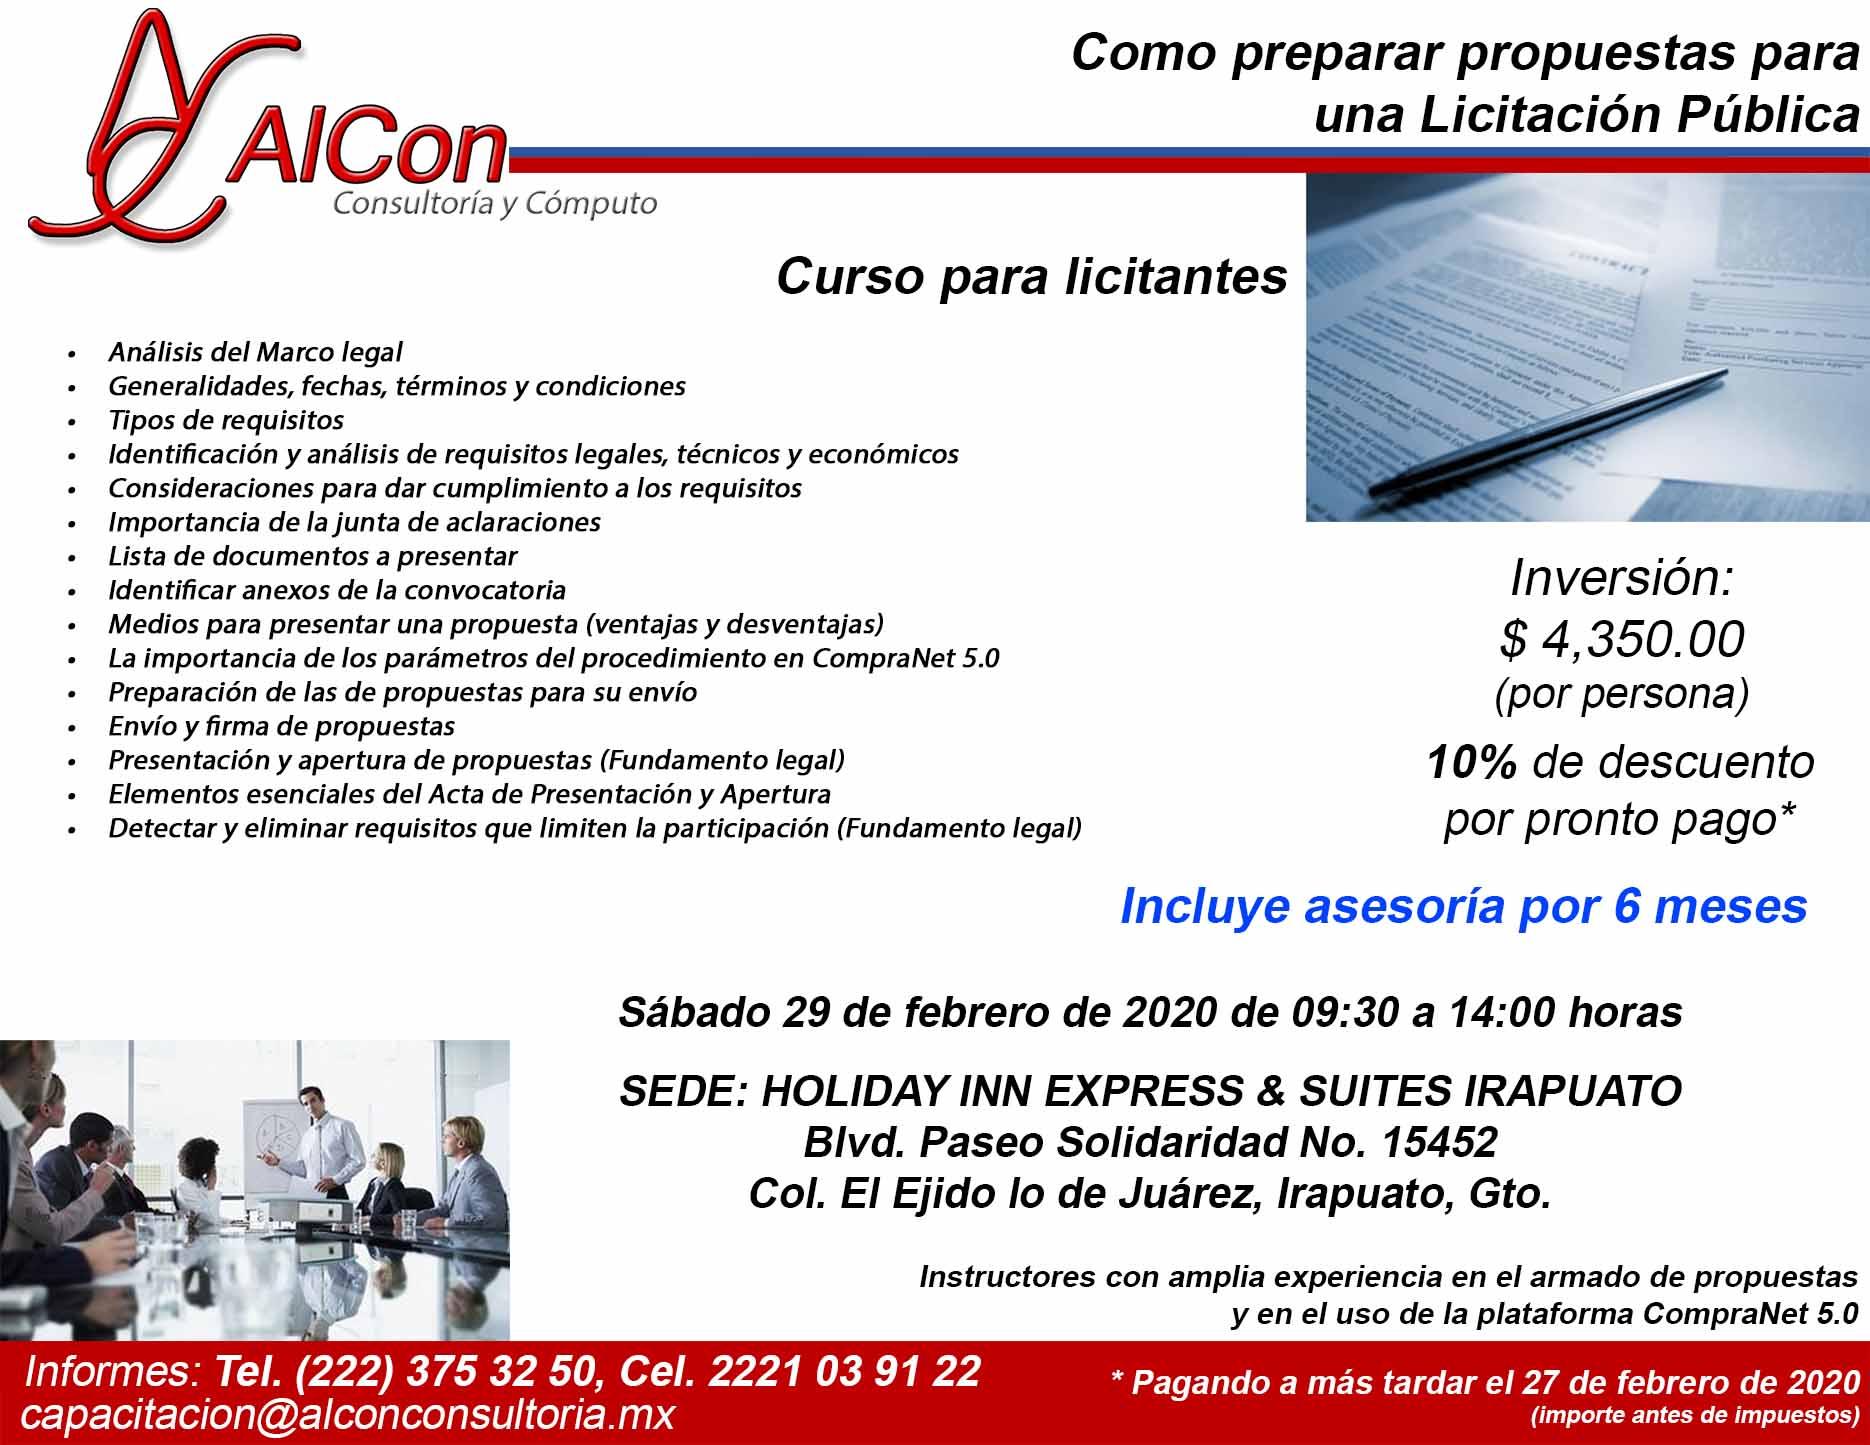 Curso Como Preparar Propuestas, Irapuato, Gto., AlCon Consultoría y Cómputo, AlCon Consulting And Commerce, Arcadio Alonso Sánchez